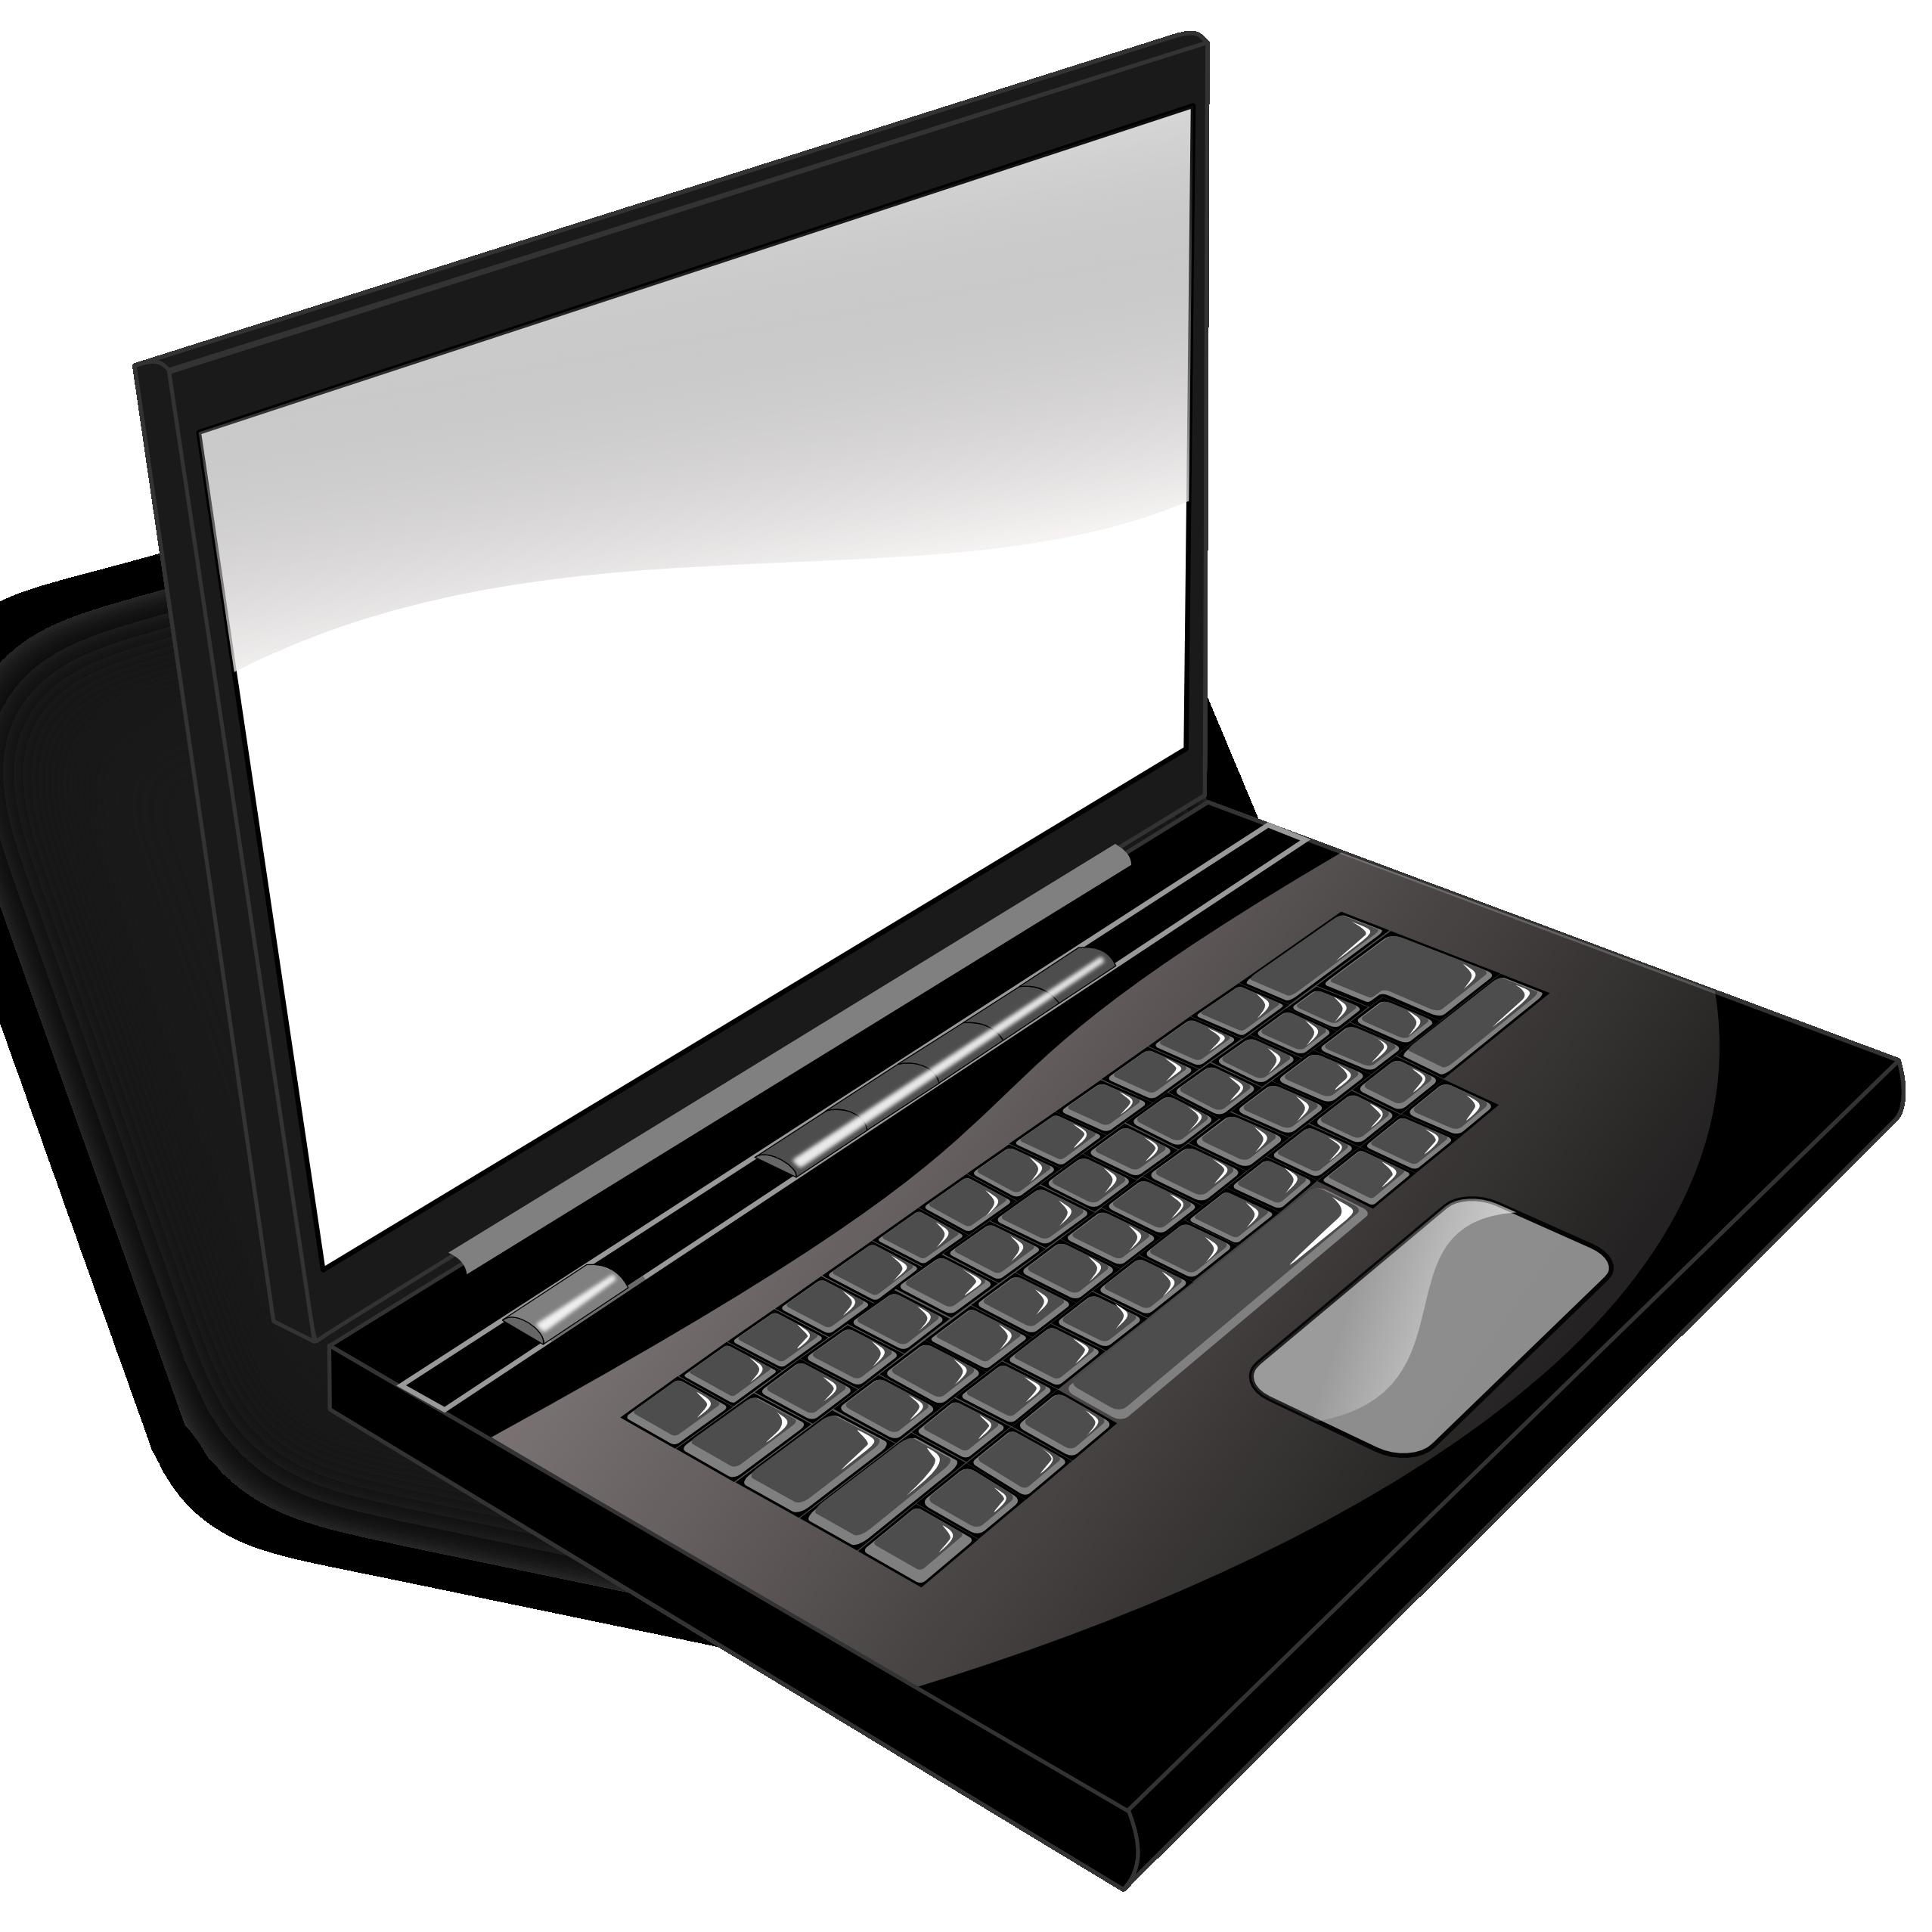 2555x2555 Macbook Clipart Laptop Back